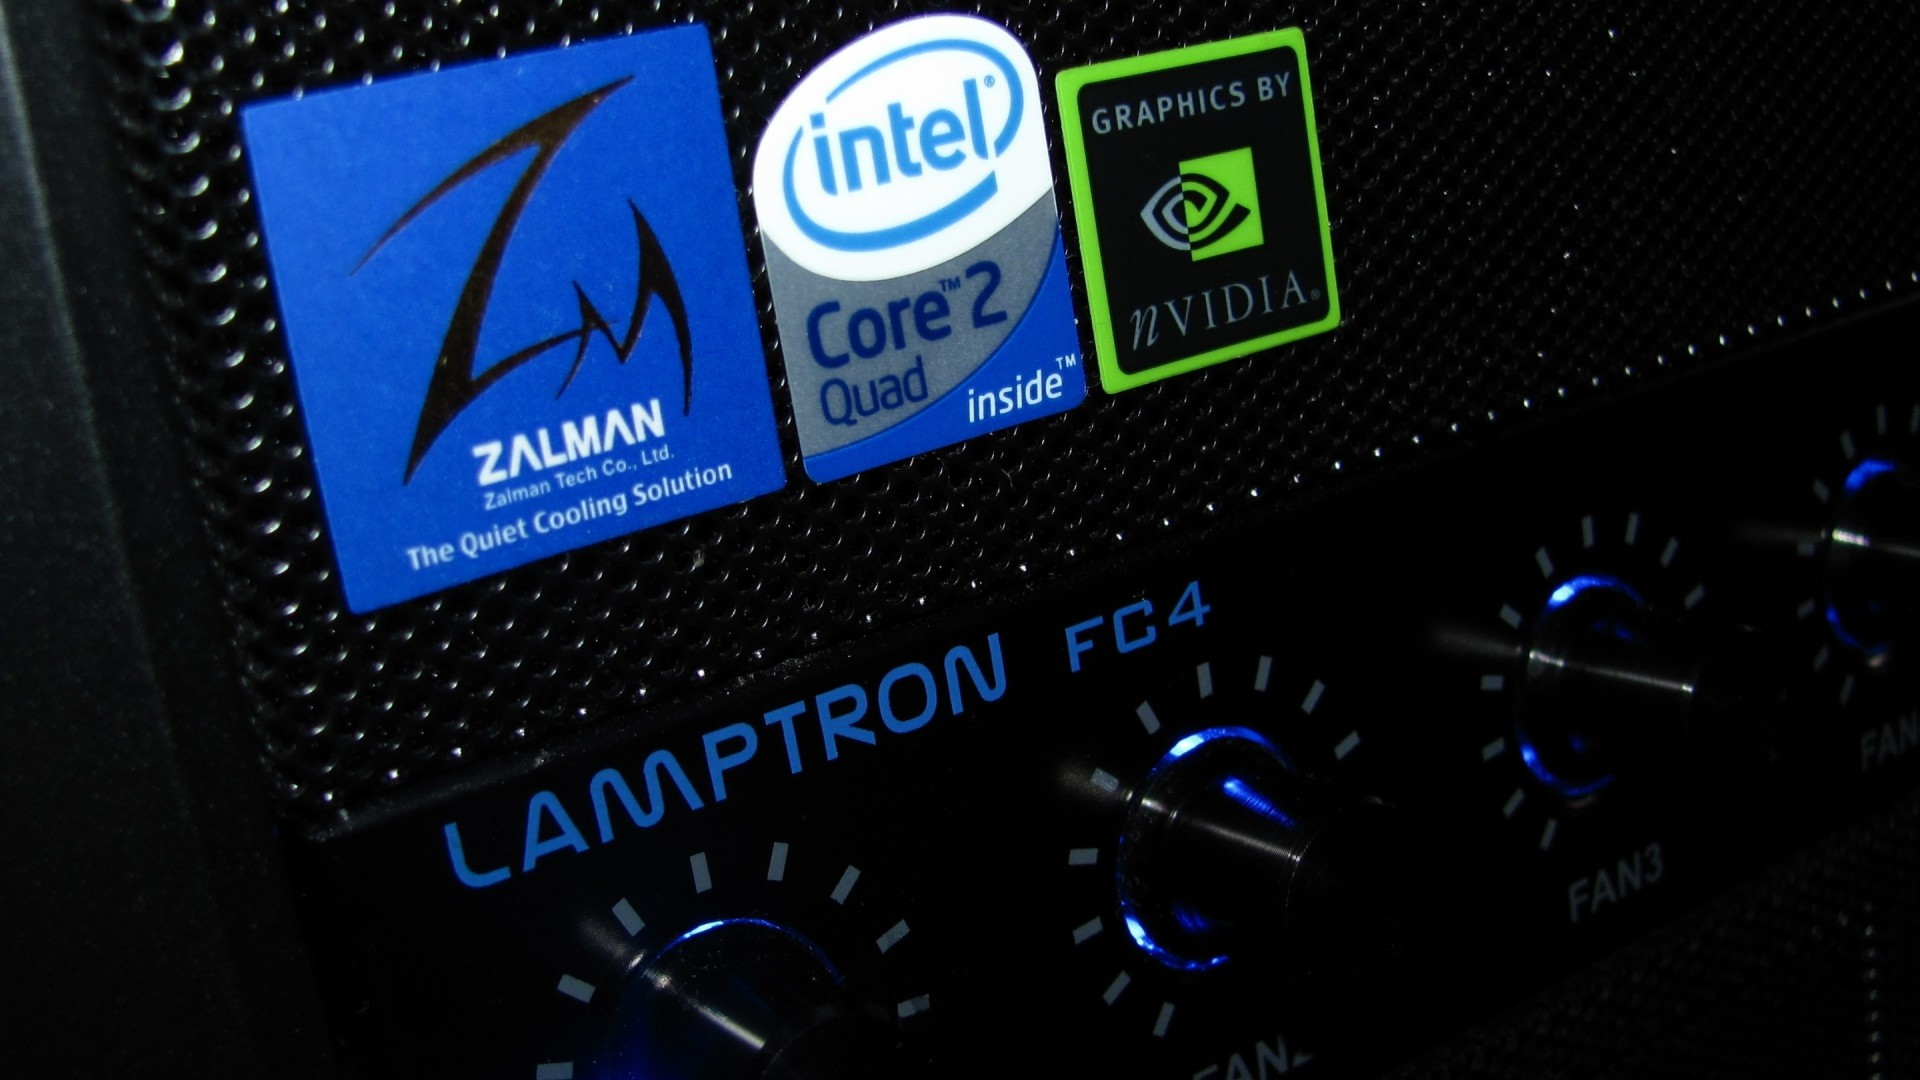 Wallpaper zalman, core 2 quad, computer, system unit, nvidia